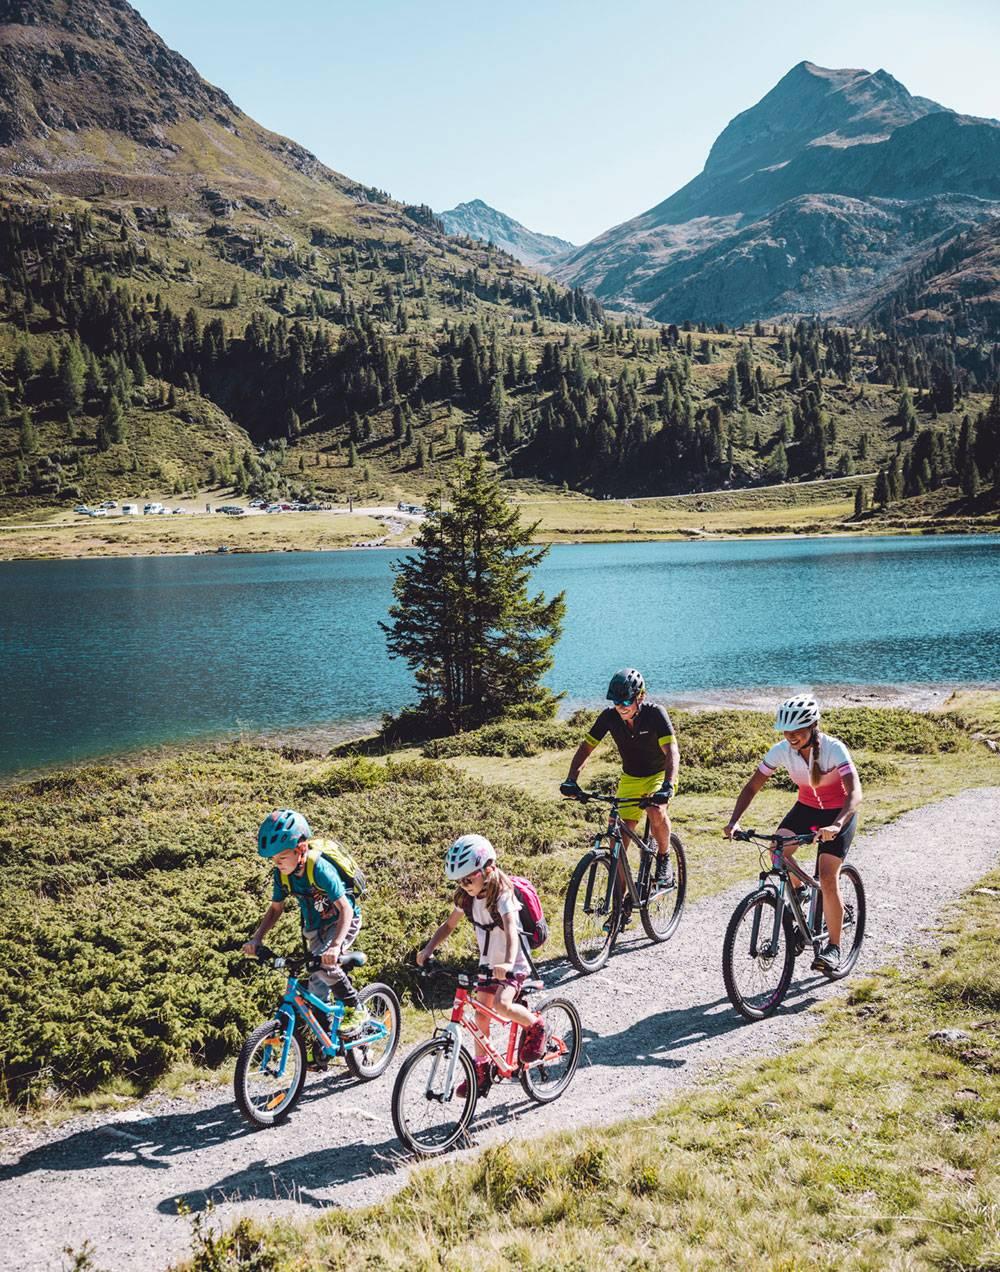 Eine vierköpfige Familie die mit ihren Bikes auf einer Forststraße unterwegs ist. Im Hintergrund Berge und ein See.